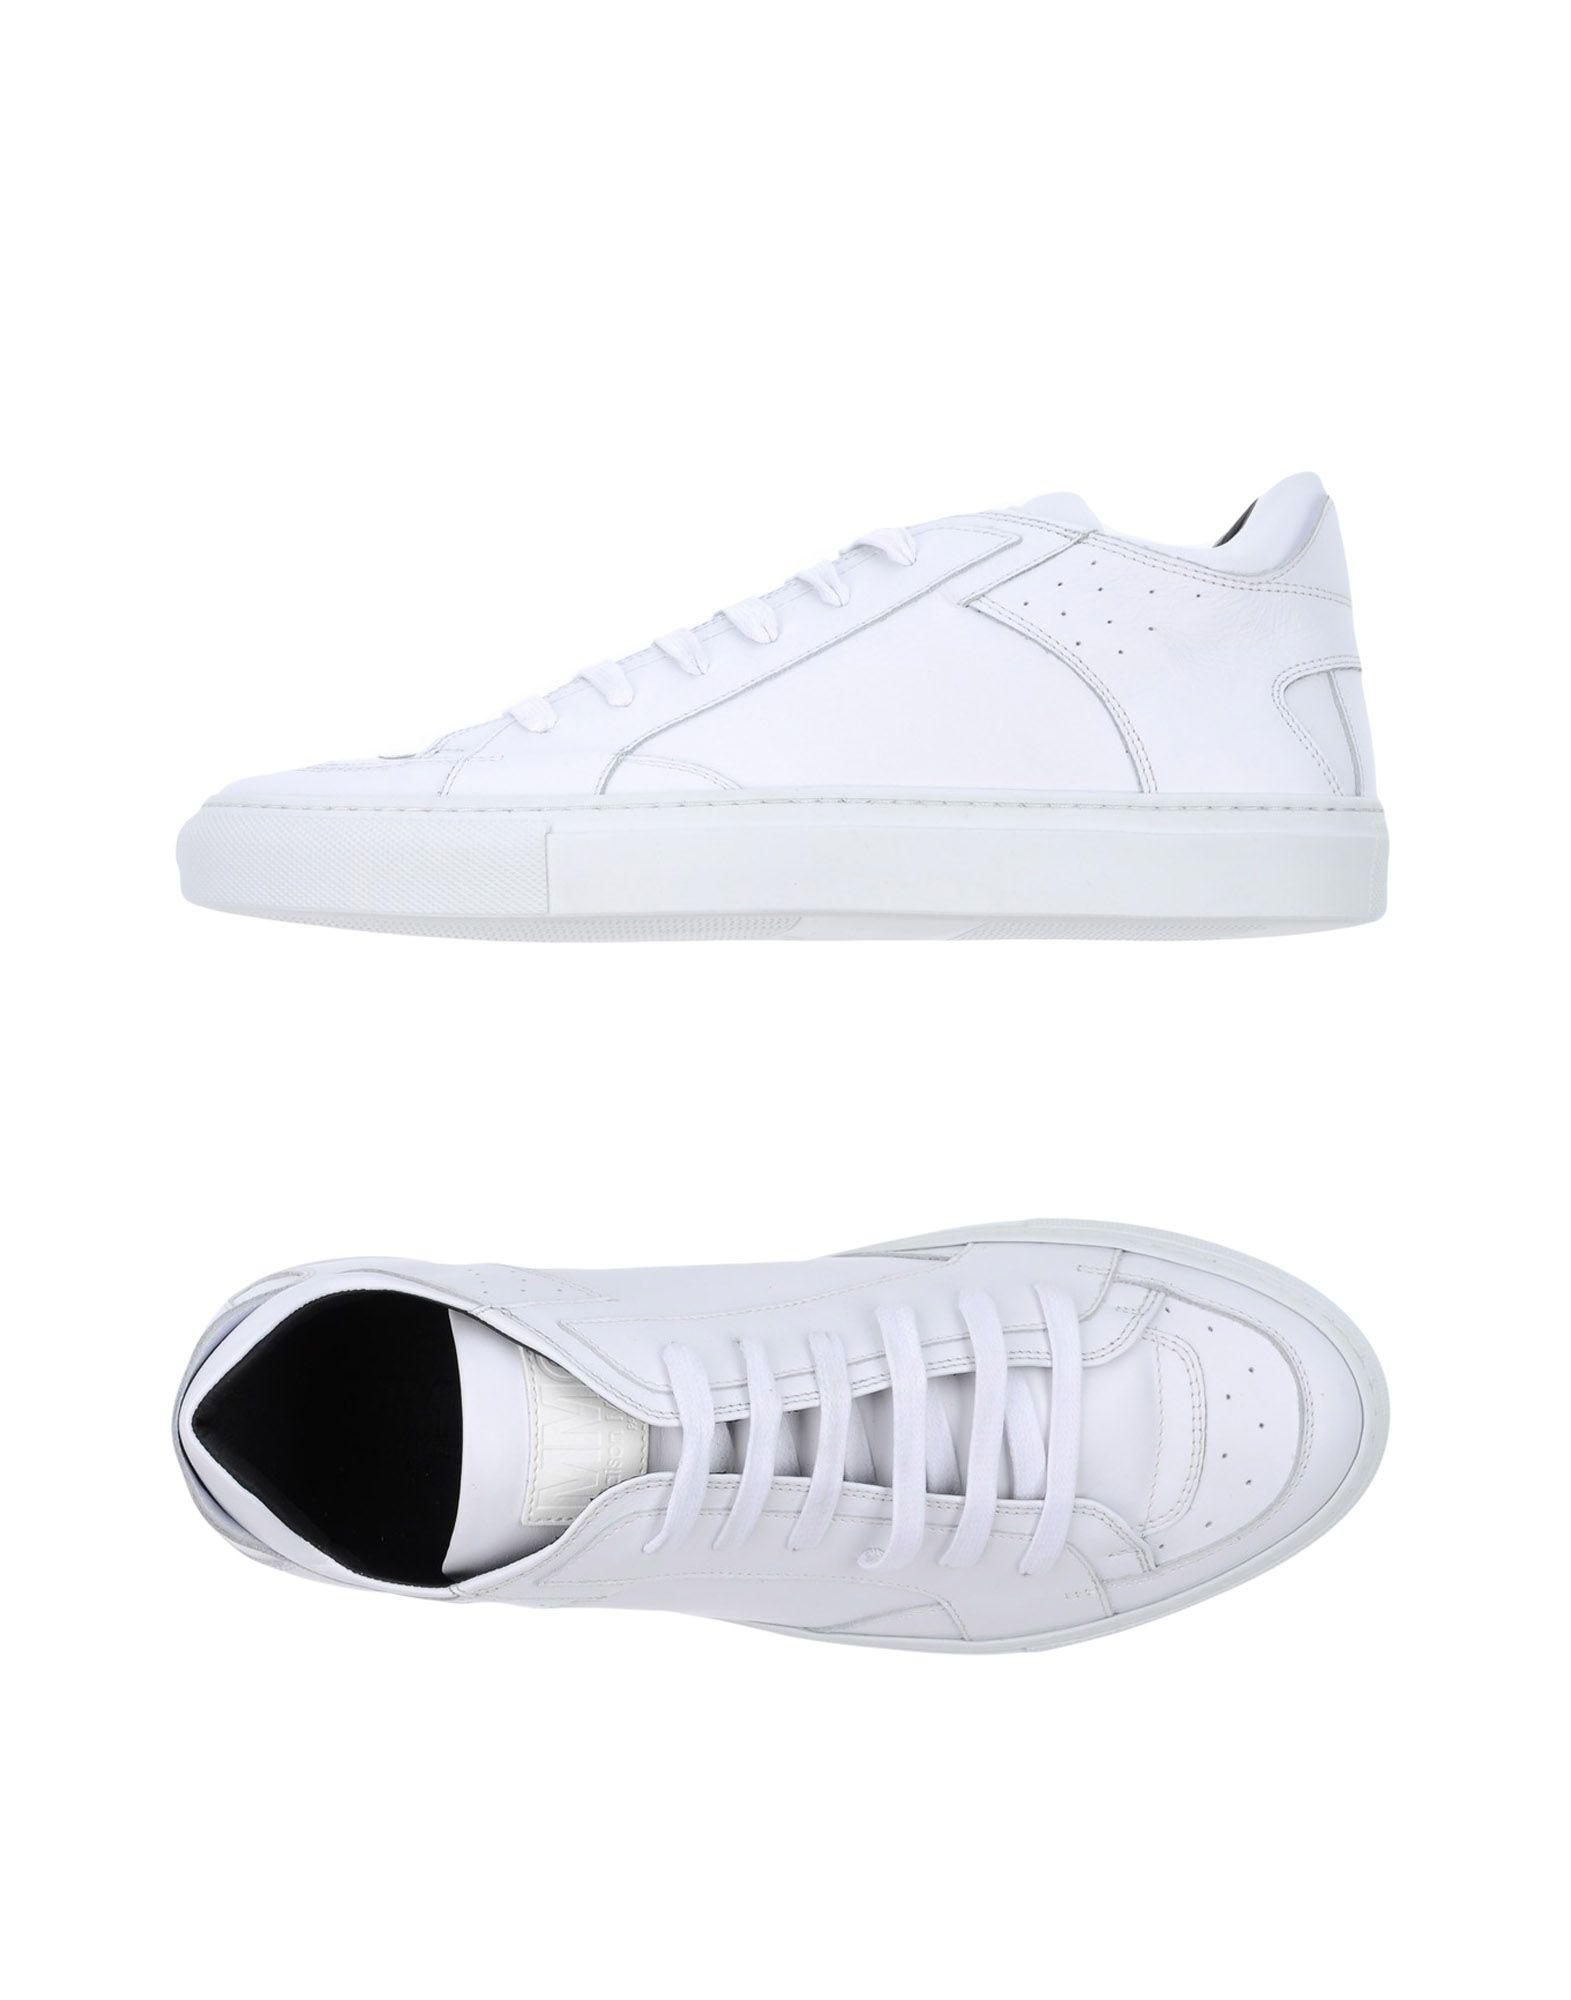 Mm6 Maison Margiela Schuhe Sneakers Damen  11395072ID Neue Schuhe Margiela a2d285